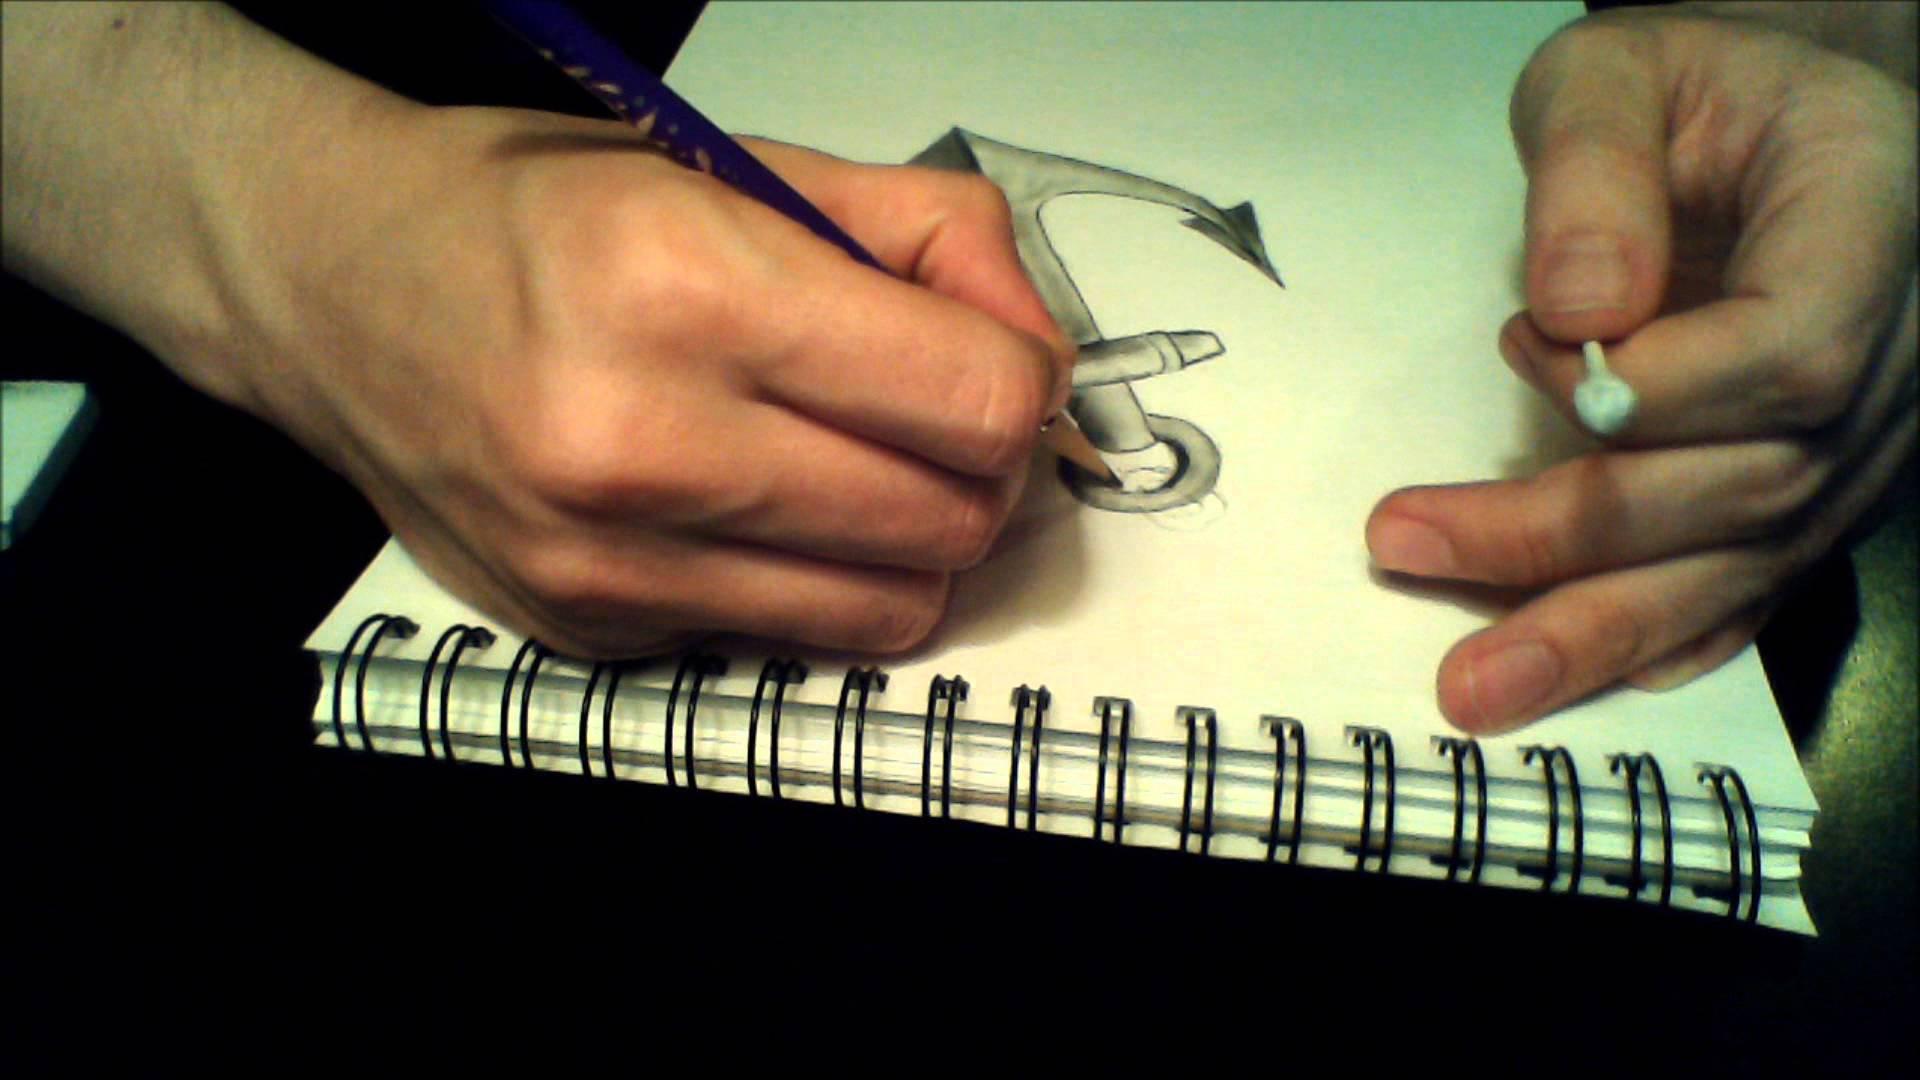 Drawn anchor Anchor Drawing Chain & Chain